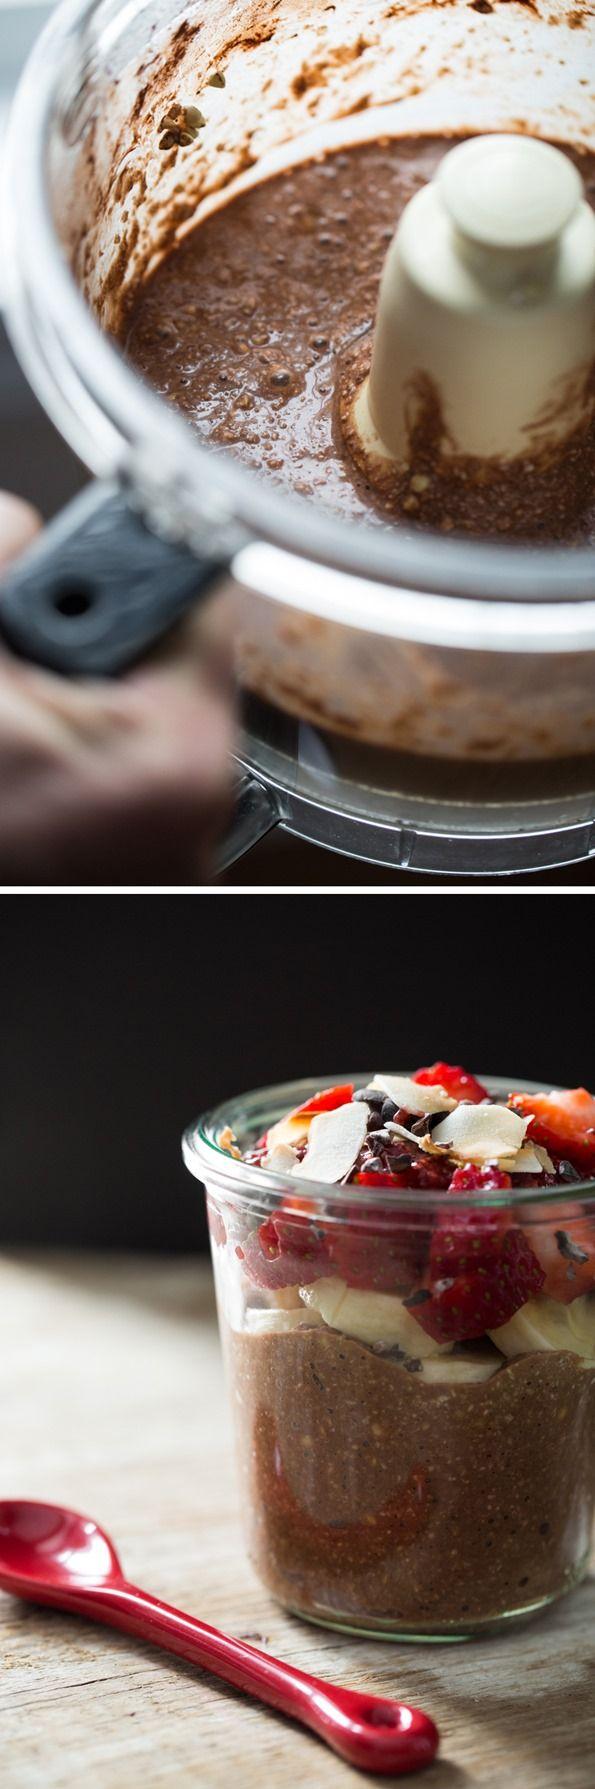 Raw Chocolate Hazelnut Breakfast Parfait